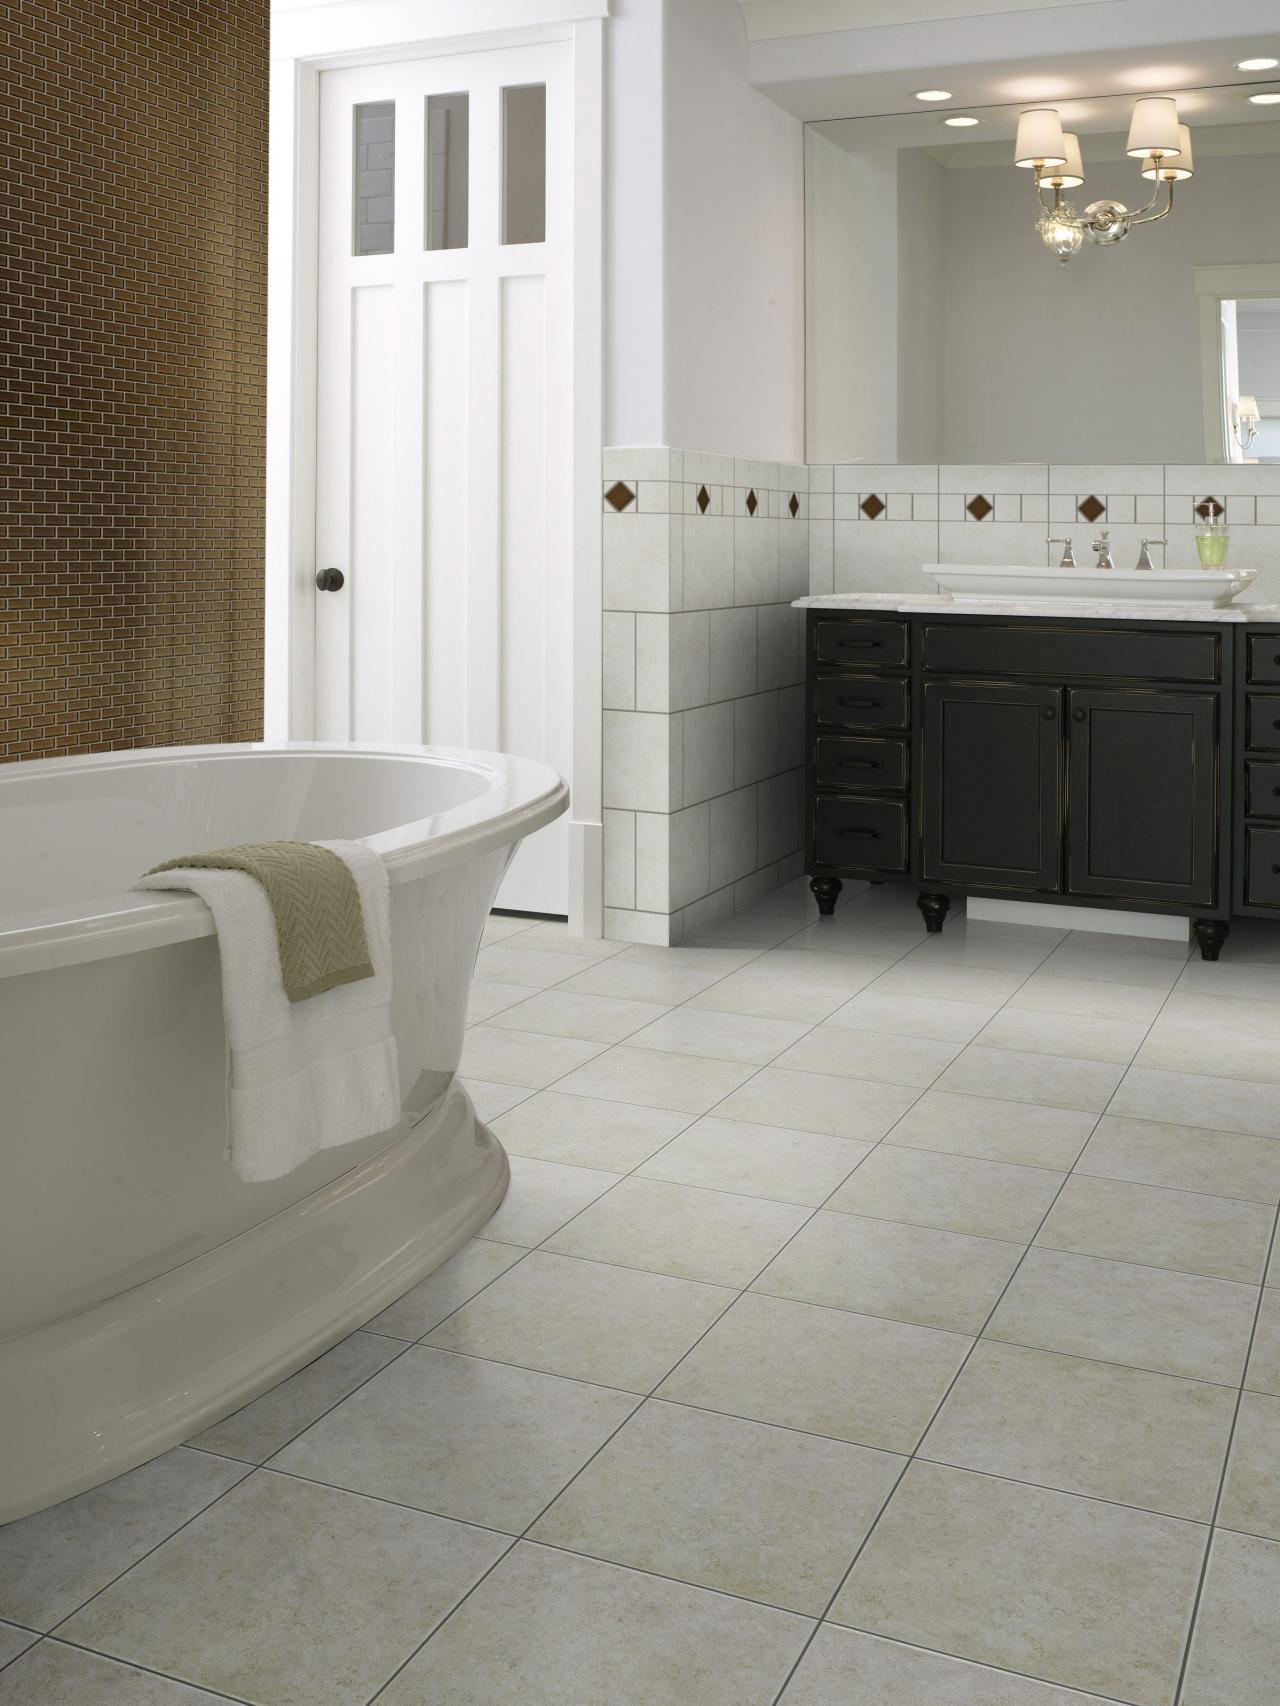 SP0214_pedestal-tub-tile_s3x4.jpg.rend.hgtvcom.1280.1707